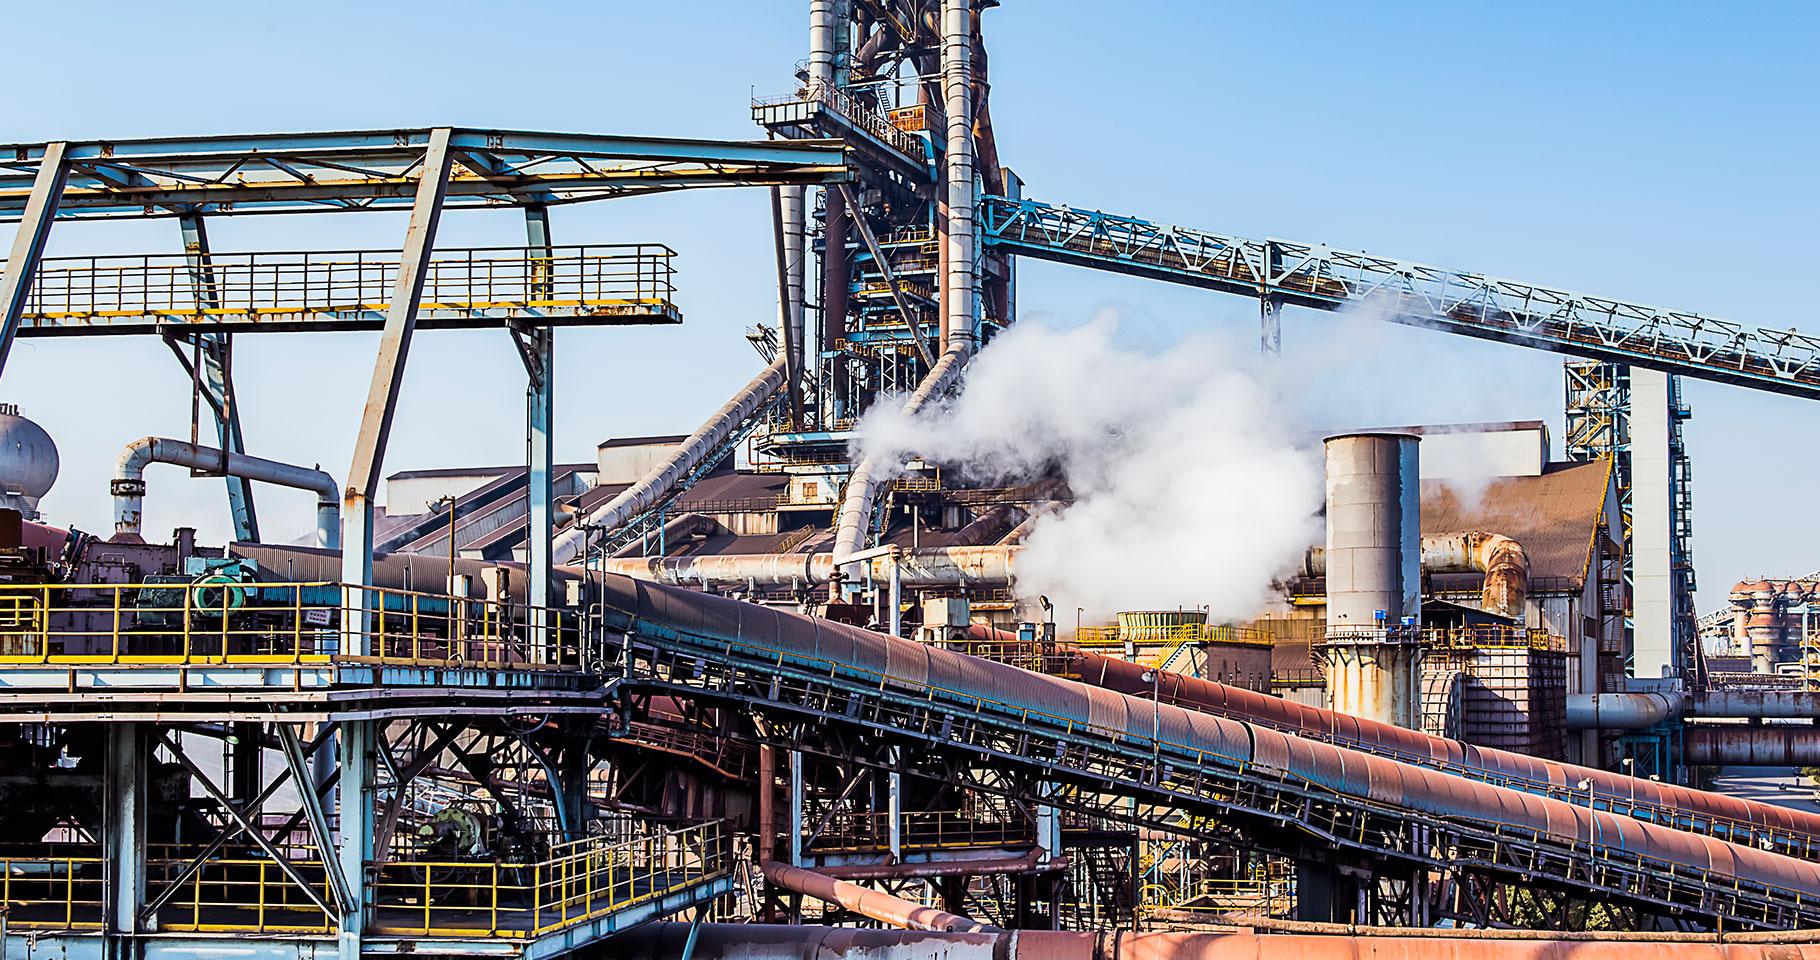 氣凝膠產品在建筑和工業上的發展前景